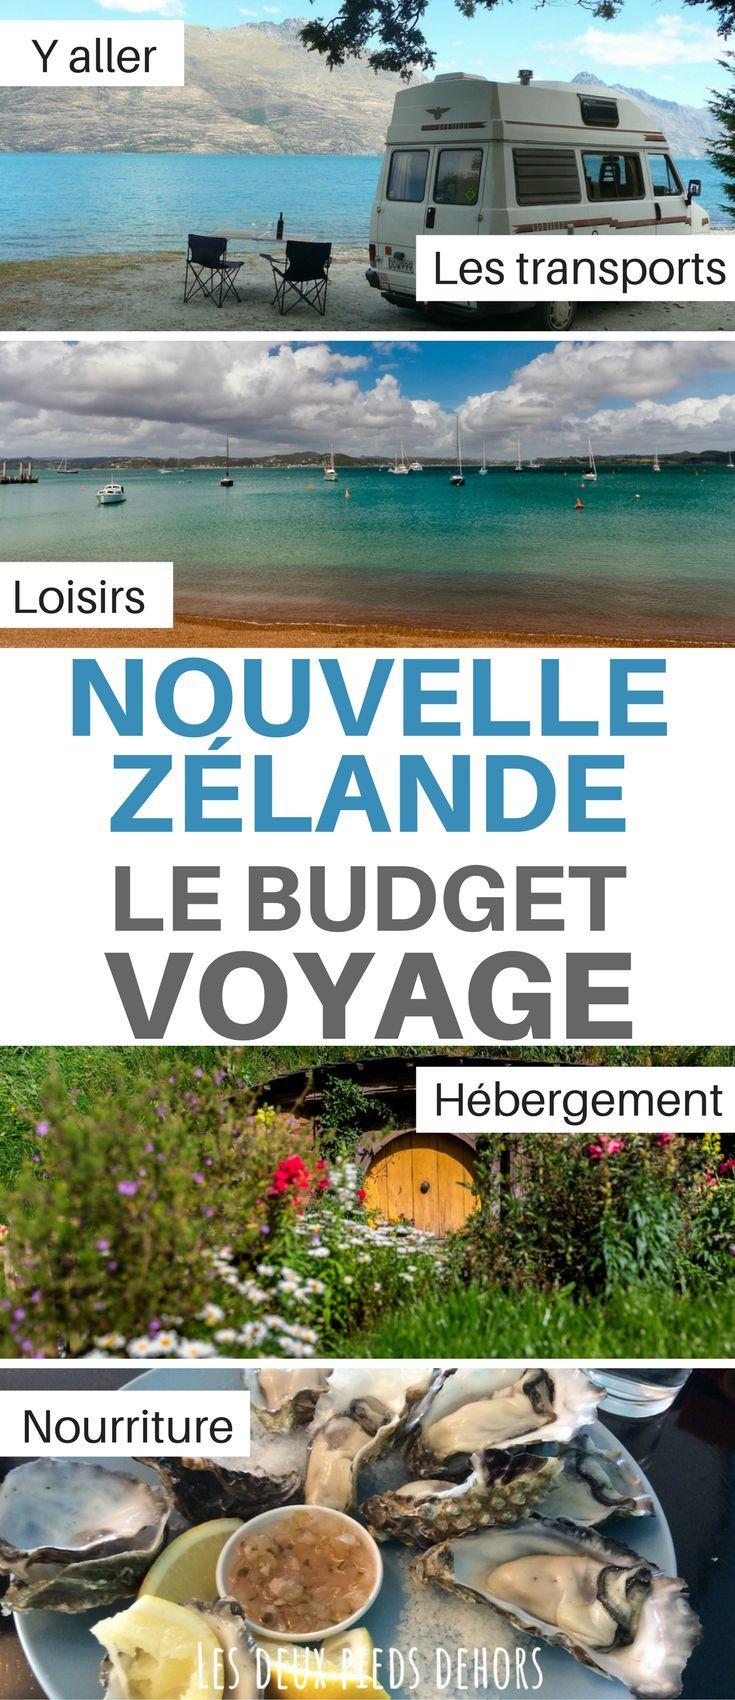 Vous partez en voyage en Nouvelle-Zélande. Je vous livre un guide complet pour évaluer son budget durant son voyage. Tout est passé en revue : billet d'avion, déplacement, activités, ferry, nourritures, etc. #voyage #océanie #nouvellezelande #nouvellezélande #auckland #budget #voyager #geyser #oceanie #tourdumonde